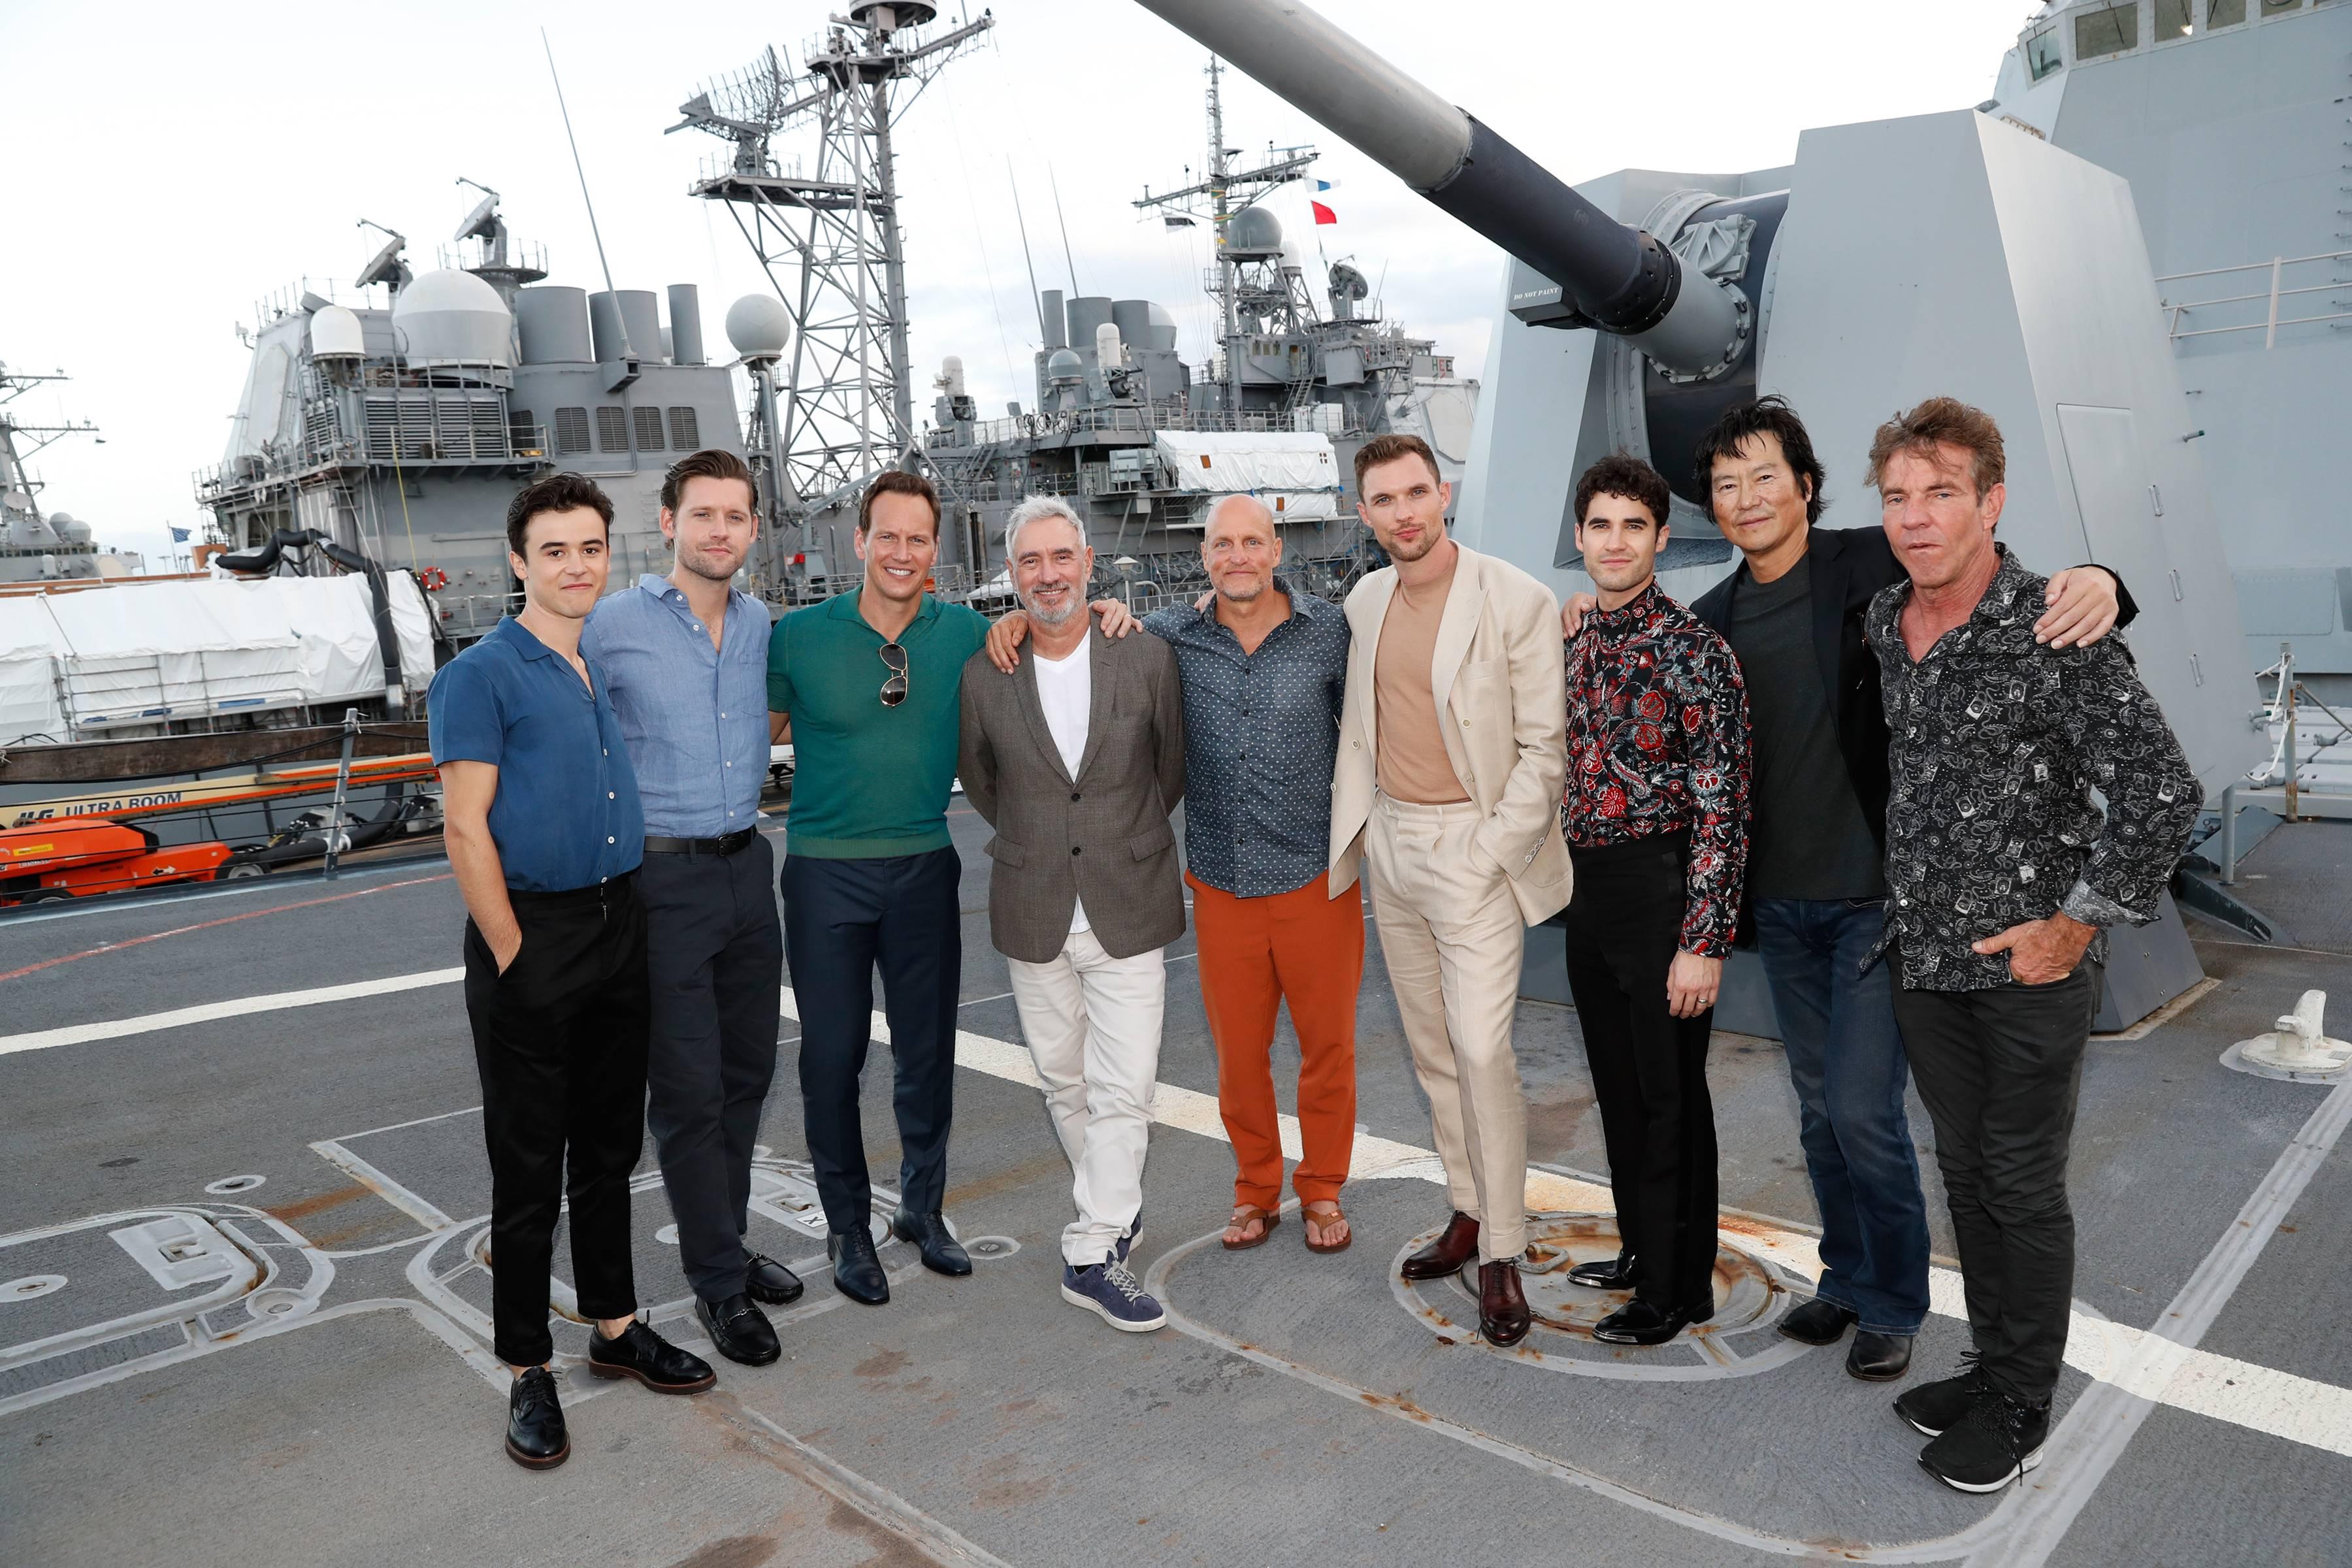 夏威夷軍港特映 好萊塢明星排排站甲板